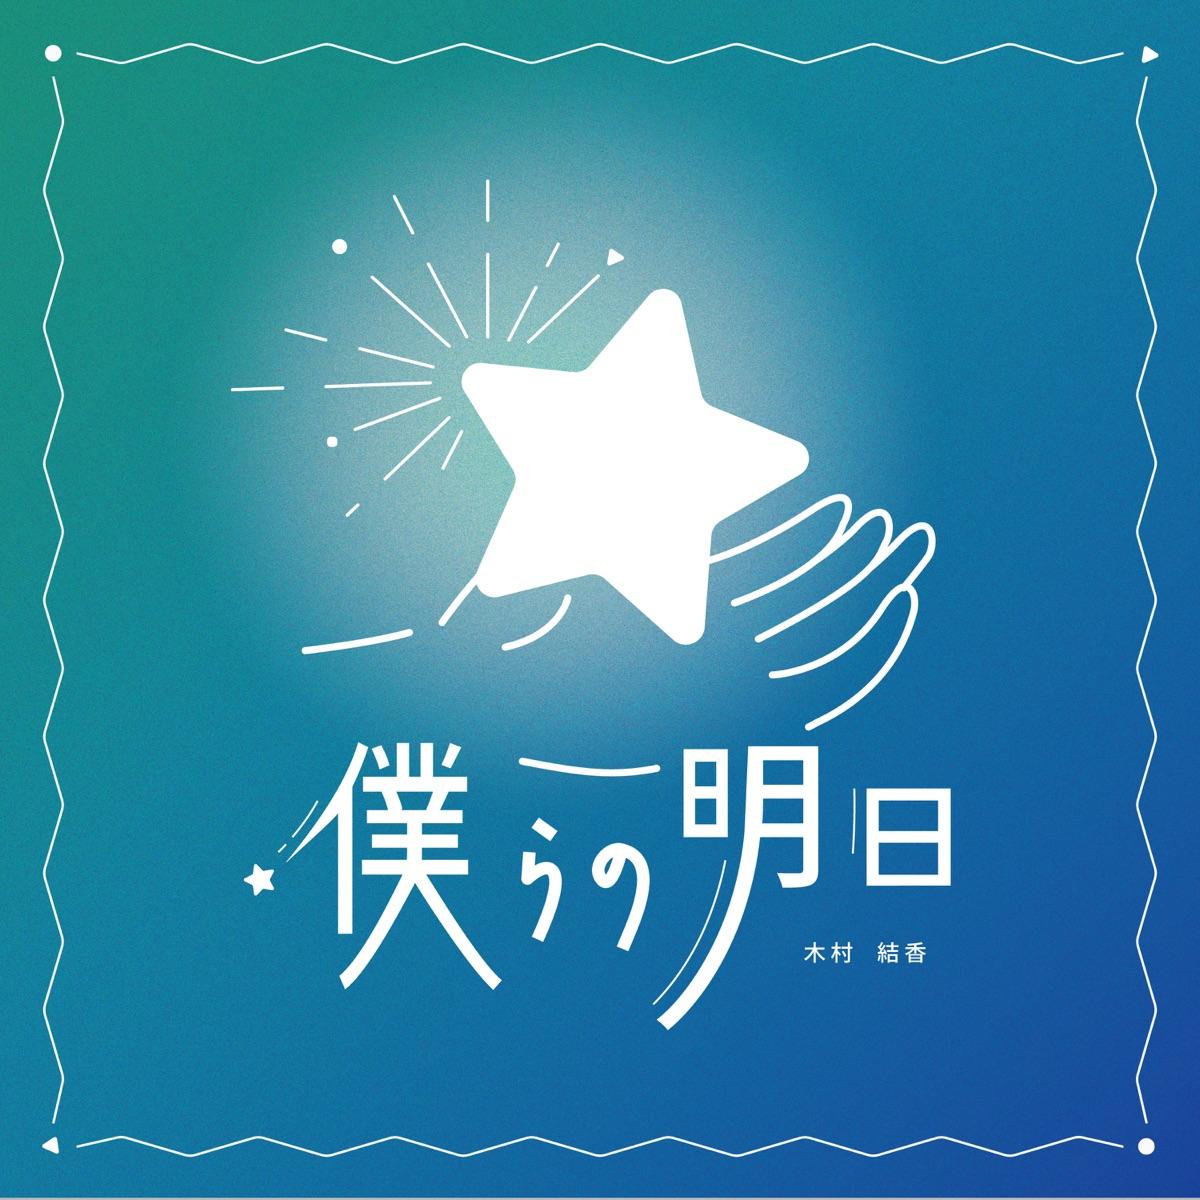 『木村結香 - 僕らの明日』収録の『僕らの明日』ジャケット